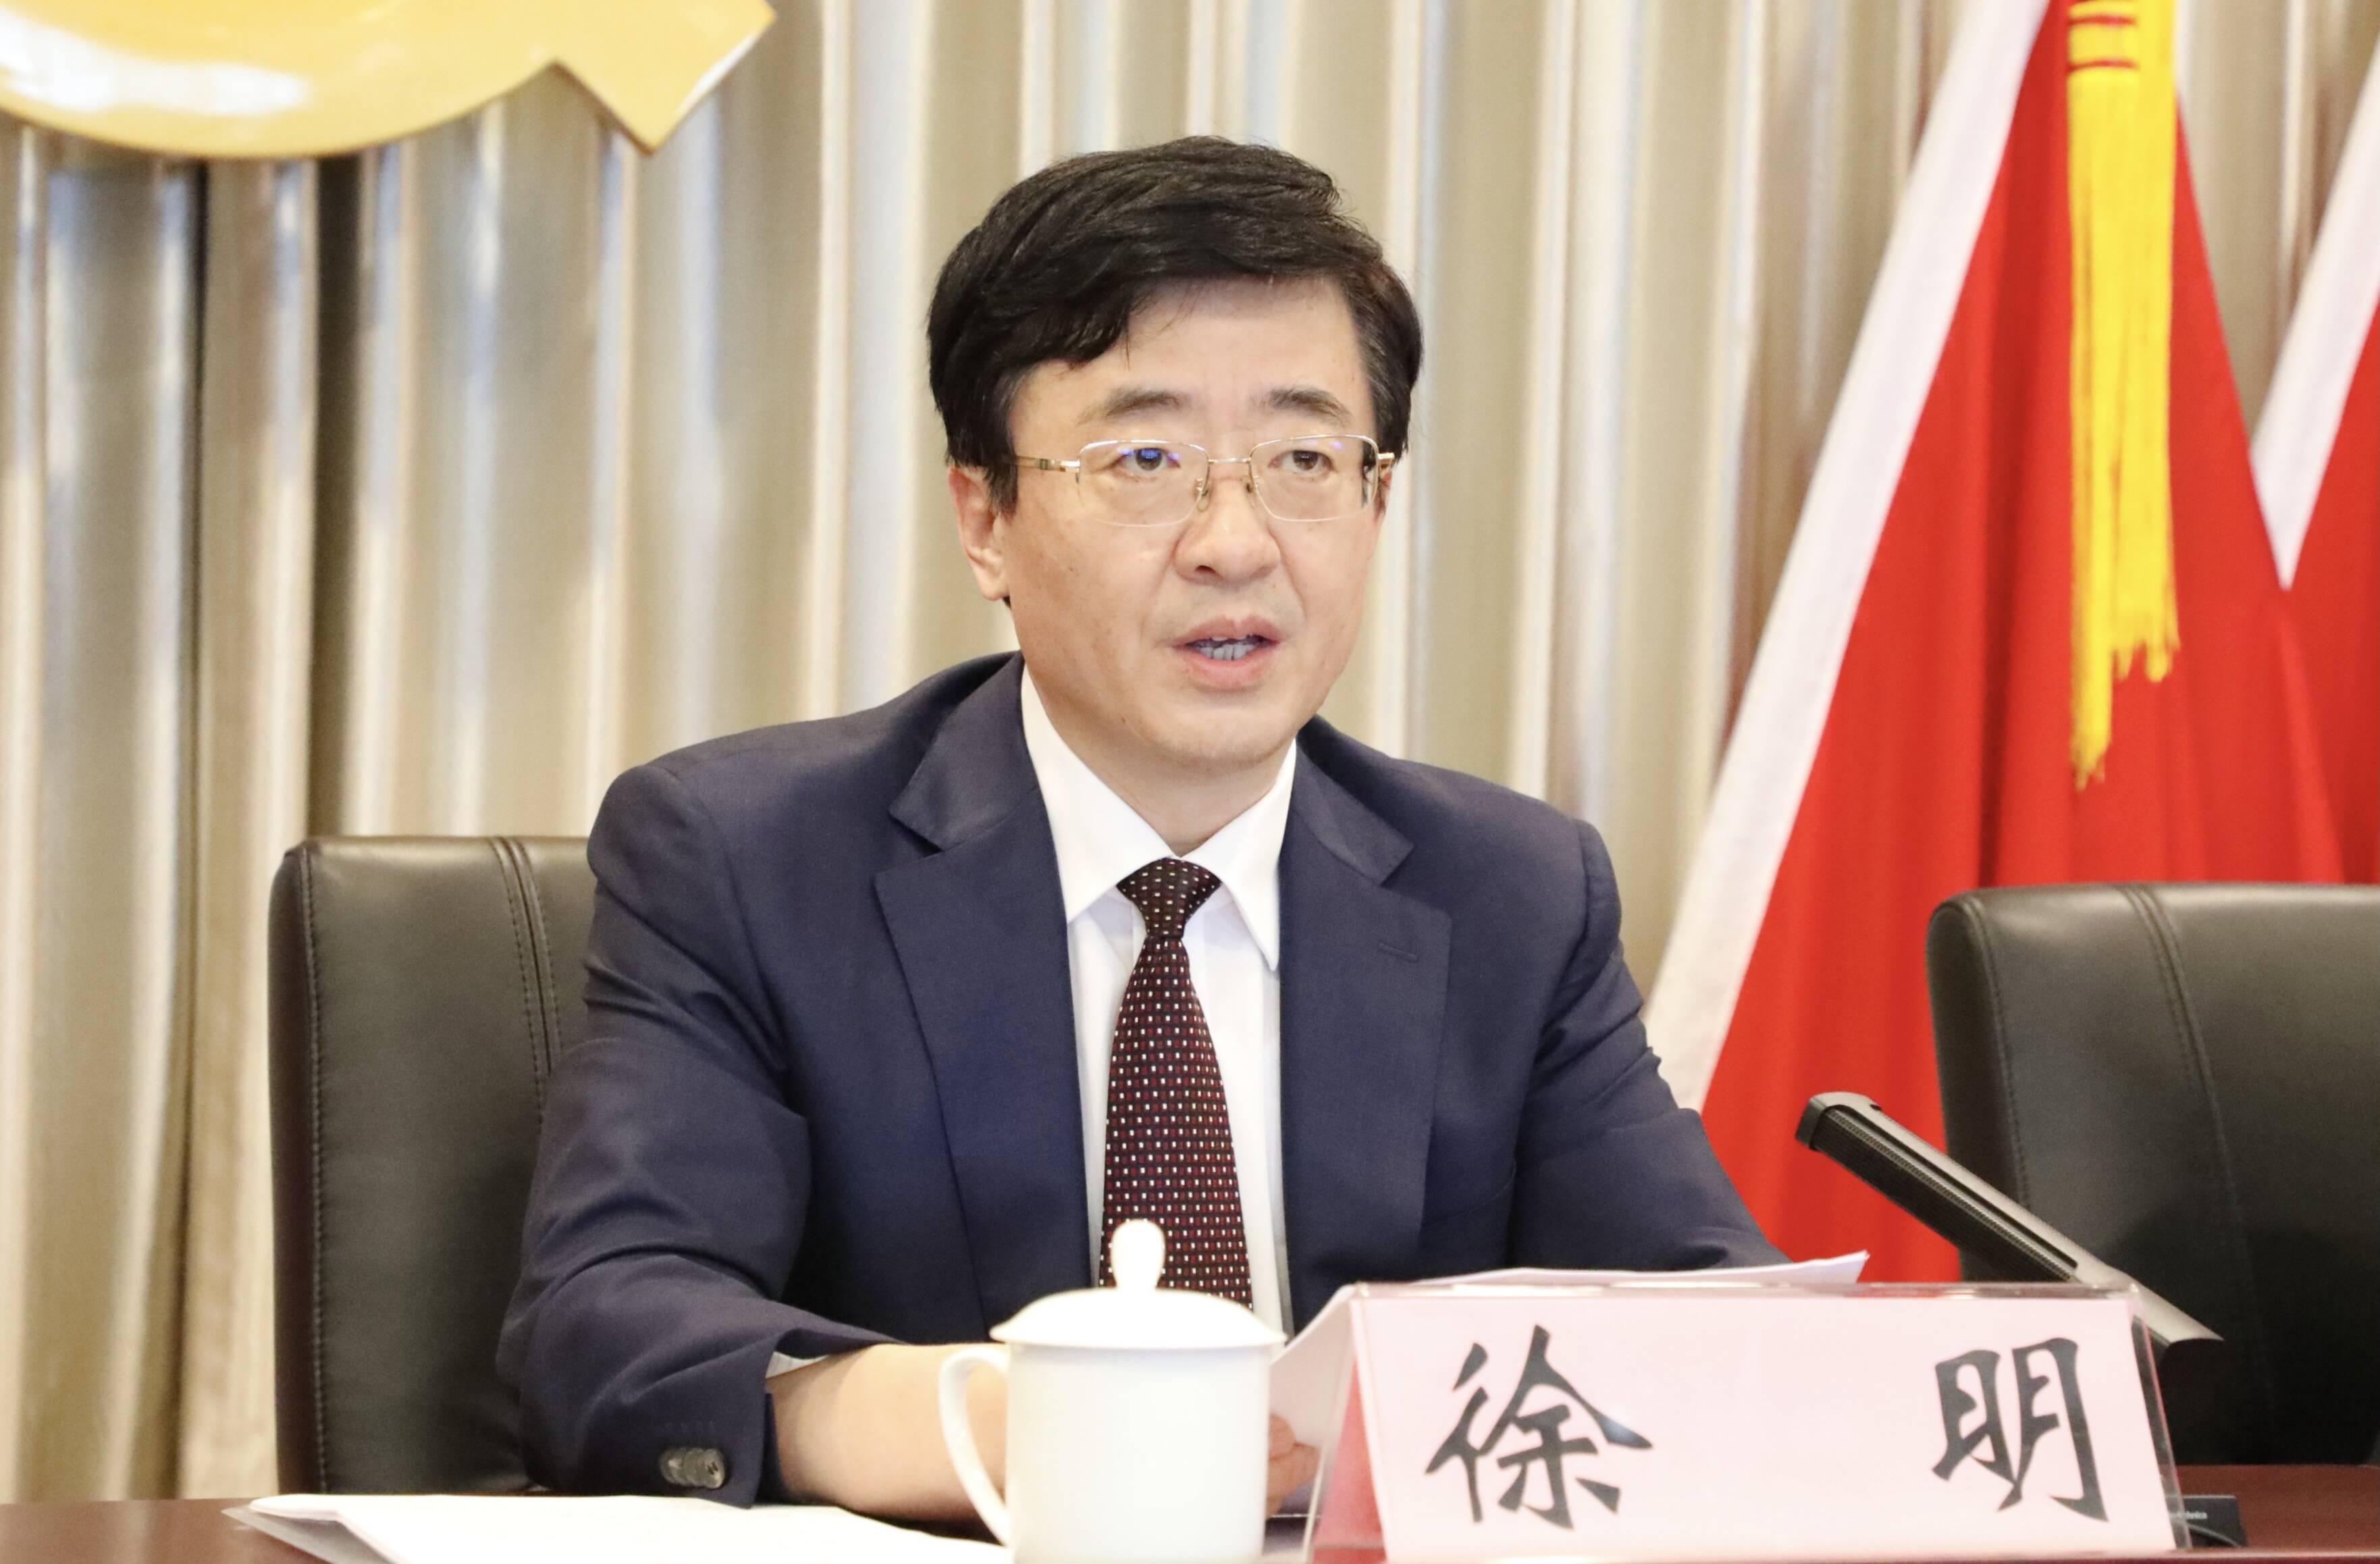 快讯 | 中国共产党威海市环翠区第十五届委员会第九次全体会议召开